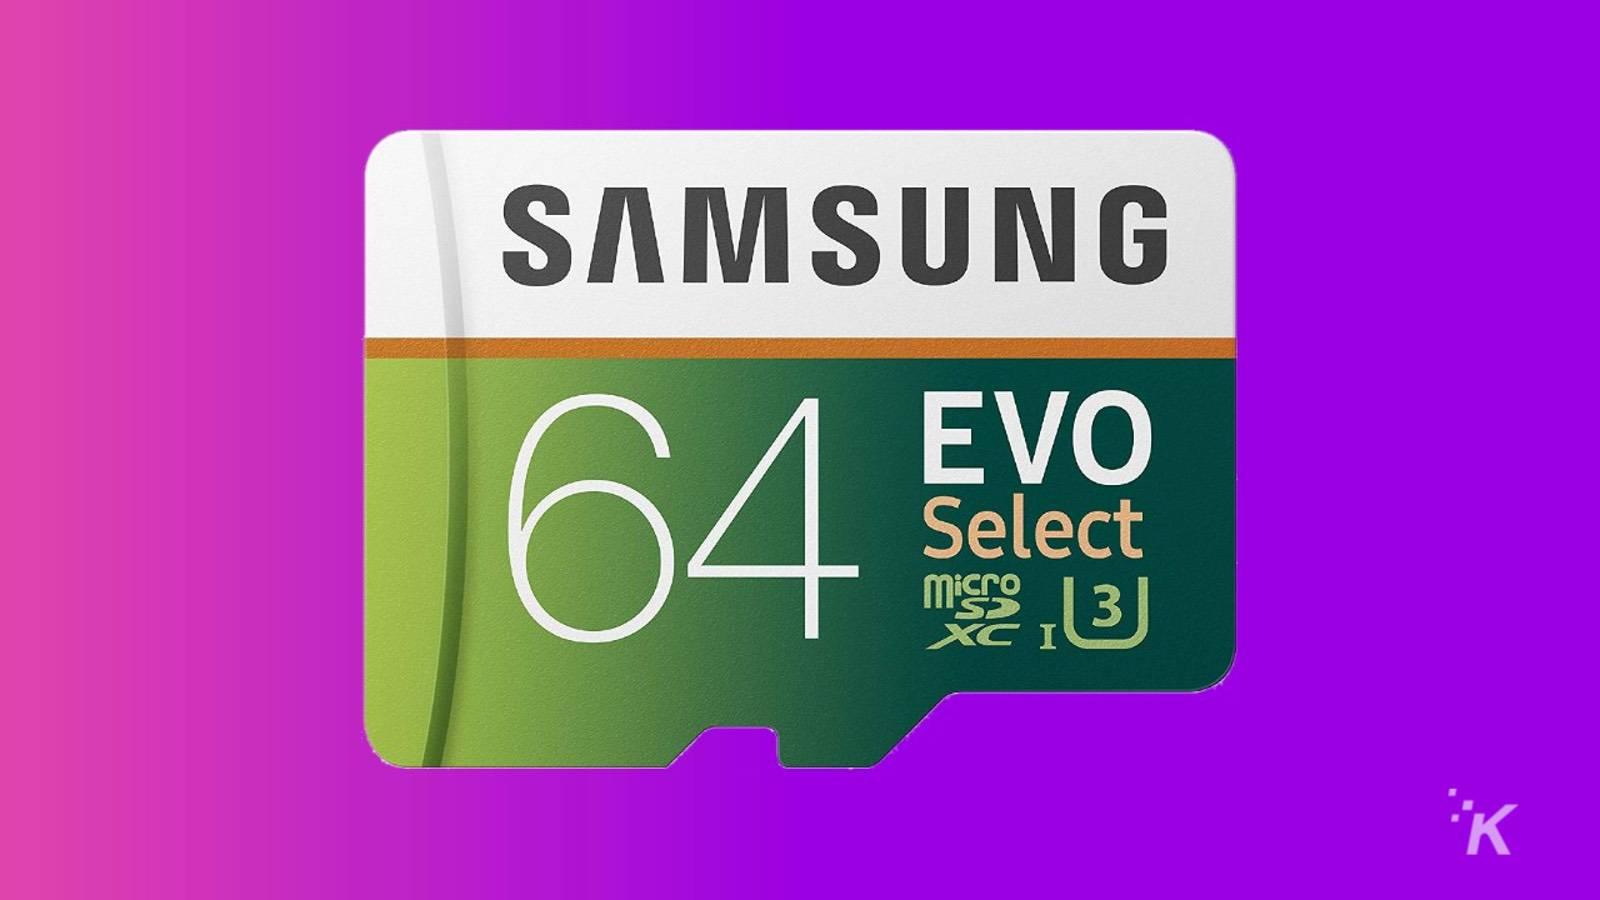 64gb samsung microsd card knowtechie